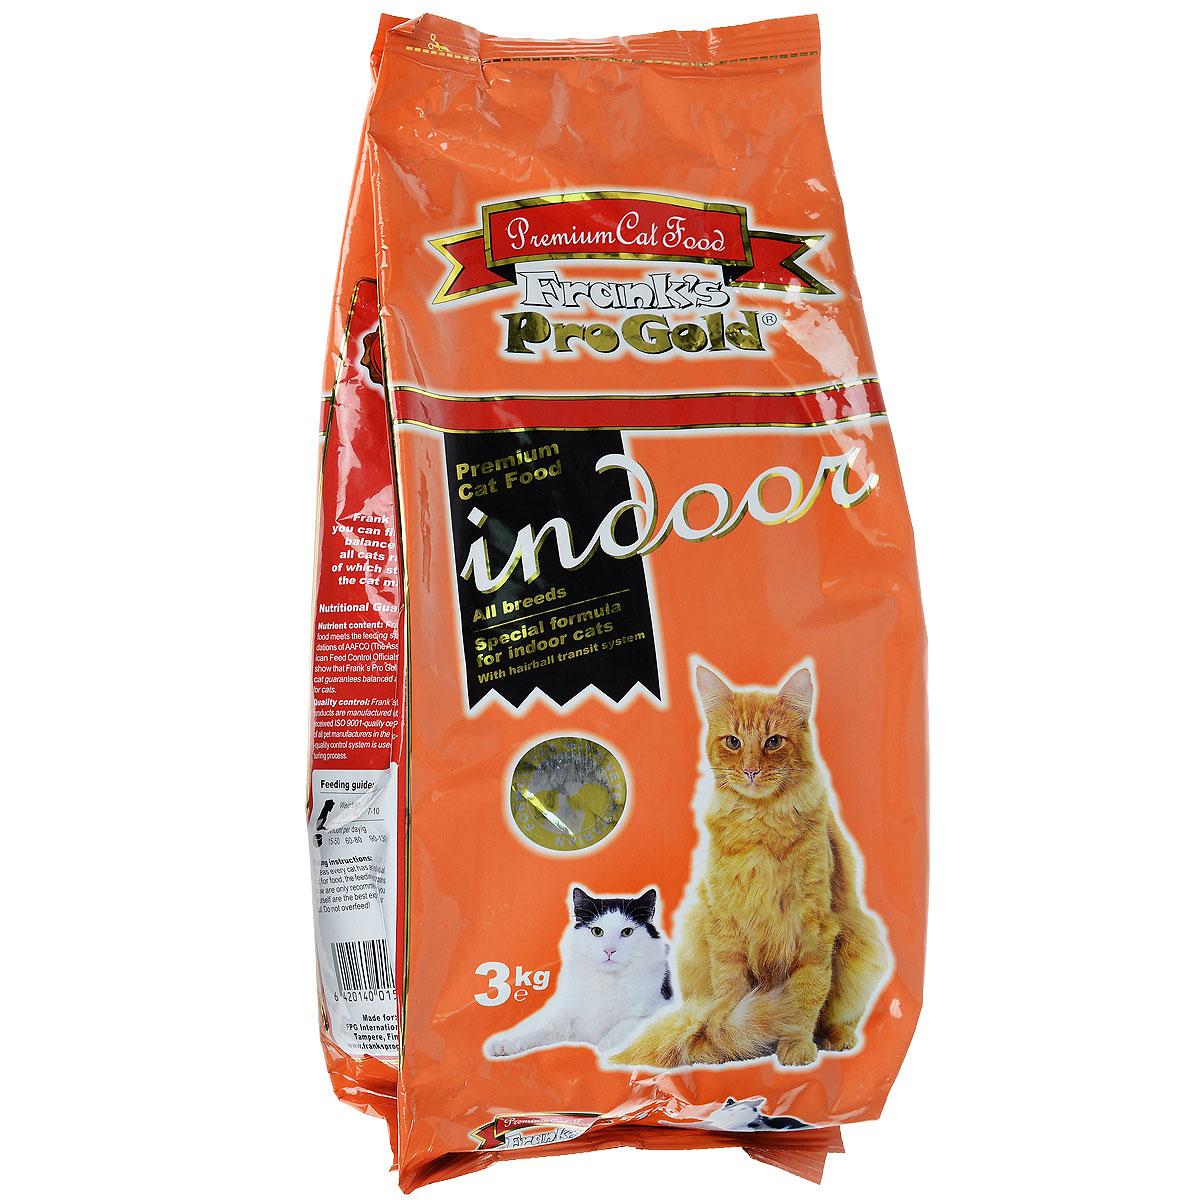 Корм сухой Franks ProGold для домашних и кастрированных кошек, 3 кг22589Сухой корм Franks ProGold - это полноценный рацион для взрослых домашних и кастрированных котов. Он содержит особую разработанную с участием ученых комбинацию ингредиентов для поддержания здоровья вашего питомца в течение продолжительного времени. Корм с высококачественным белком и низким содержанием жира, сочетающий все необходимые питательные веществаСостав: дегидрированное мясо курицы, рис, маис, ячмень, куриный жир, печень птицы, гидролизованный белок, пищевая целлюлоза (минимум 5%), мякоть свеклы, минералы, витамины, дрожжи, яичный порошок, кукурузная мука, рыбий жир, фруктоолигосахариды (минимум 5%), лецитан (минимум 0,5%), экстракт юкки, линхлорид, карбонат кальция, мясо птицы, хлорид натрия, таурин, витамин Е, витамин С.Пищевая ценность: белки 28,0%, жиры 14,0%, клетчатка 5,5%, зола 6,5%, влажность 8,0%, фосфор 1,0%, кальций 1,1%, натрий 0,6%, магний 0,09%. Добавки: витамин-A 22000 IU/кг, витамин-D3 2000 IU/кг, витамин-E 400 мг/кг, витамин-C 40 мг/кг, медь (сульфат меди пентагидрат) 2,8 мг/кг, таурин 1600 мг/кг, холина хлорид 2500 мг/кг, лецитин 5 г/кг. Товар сертифицирован.